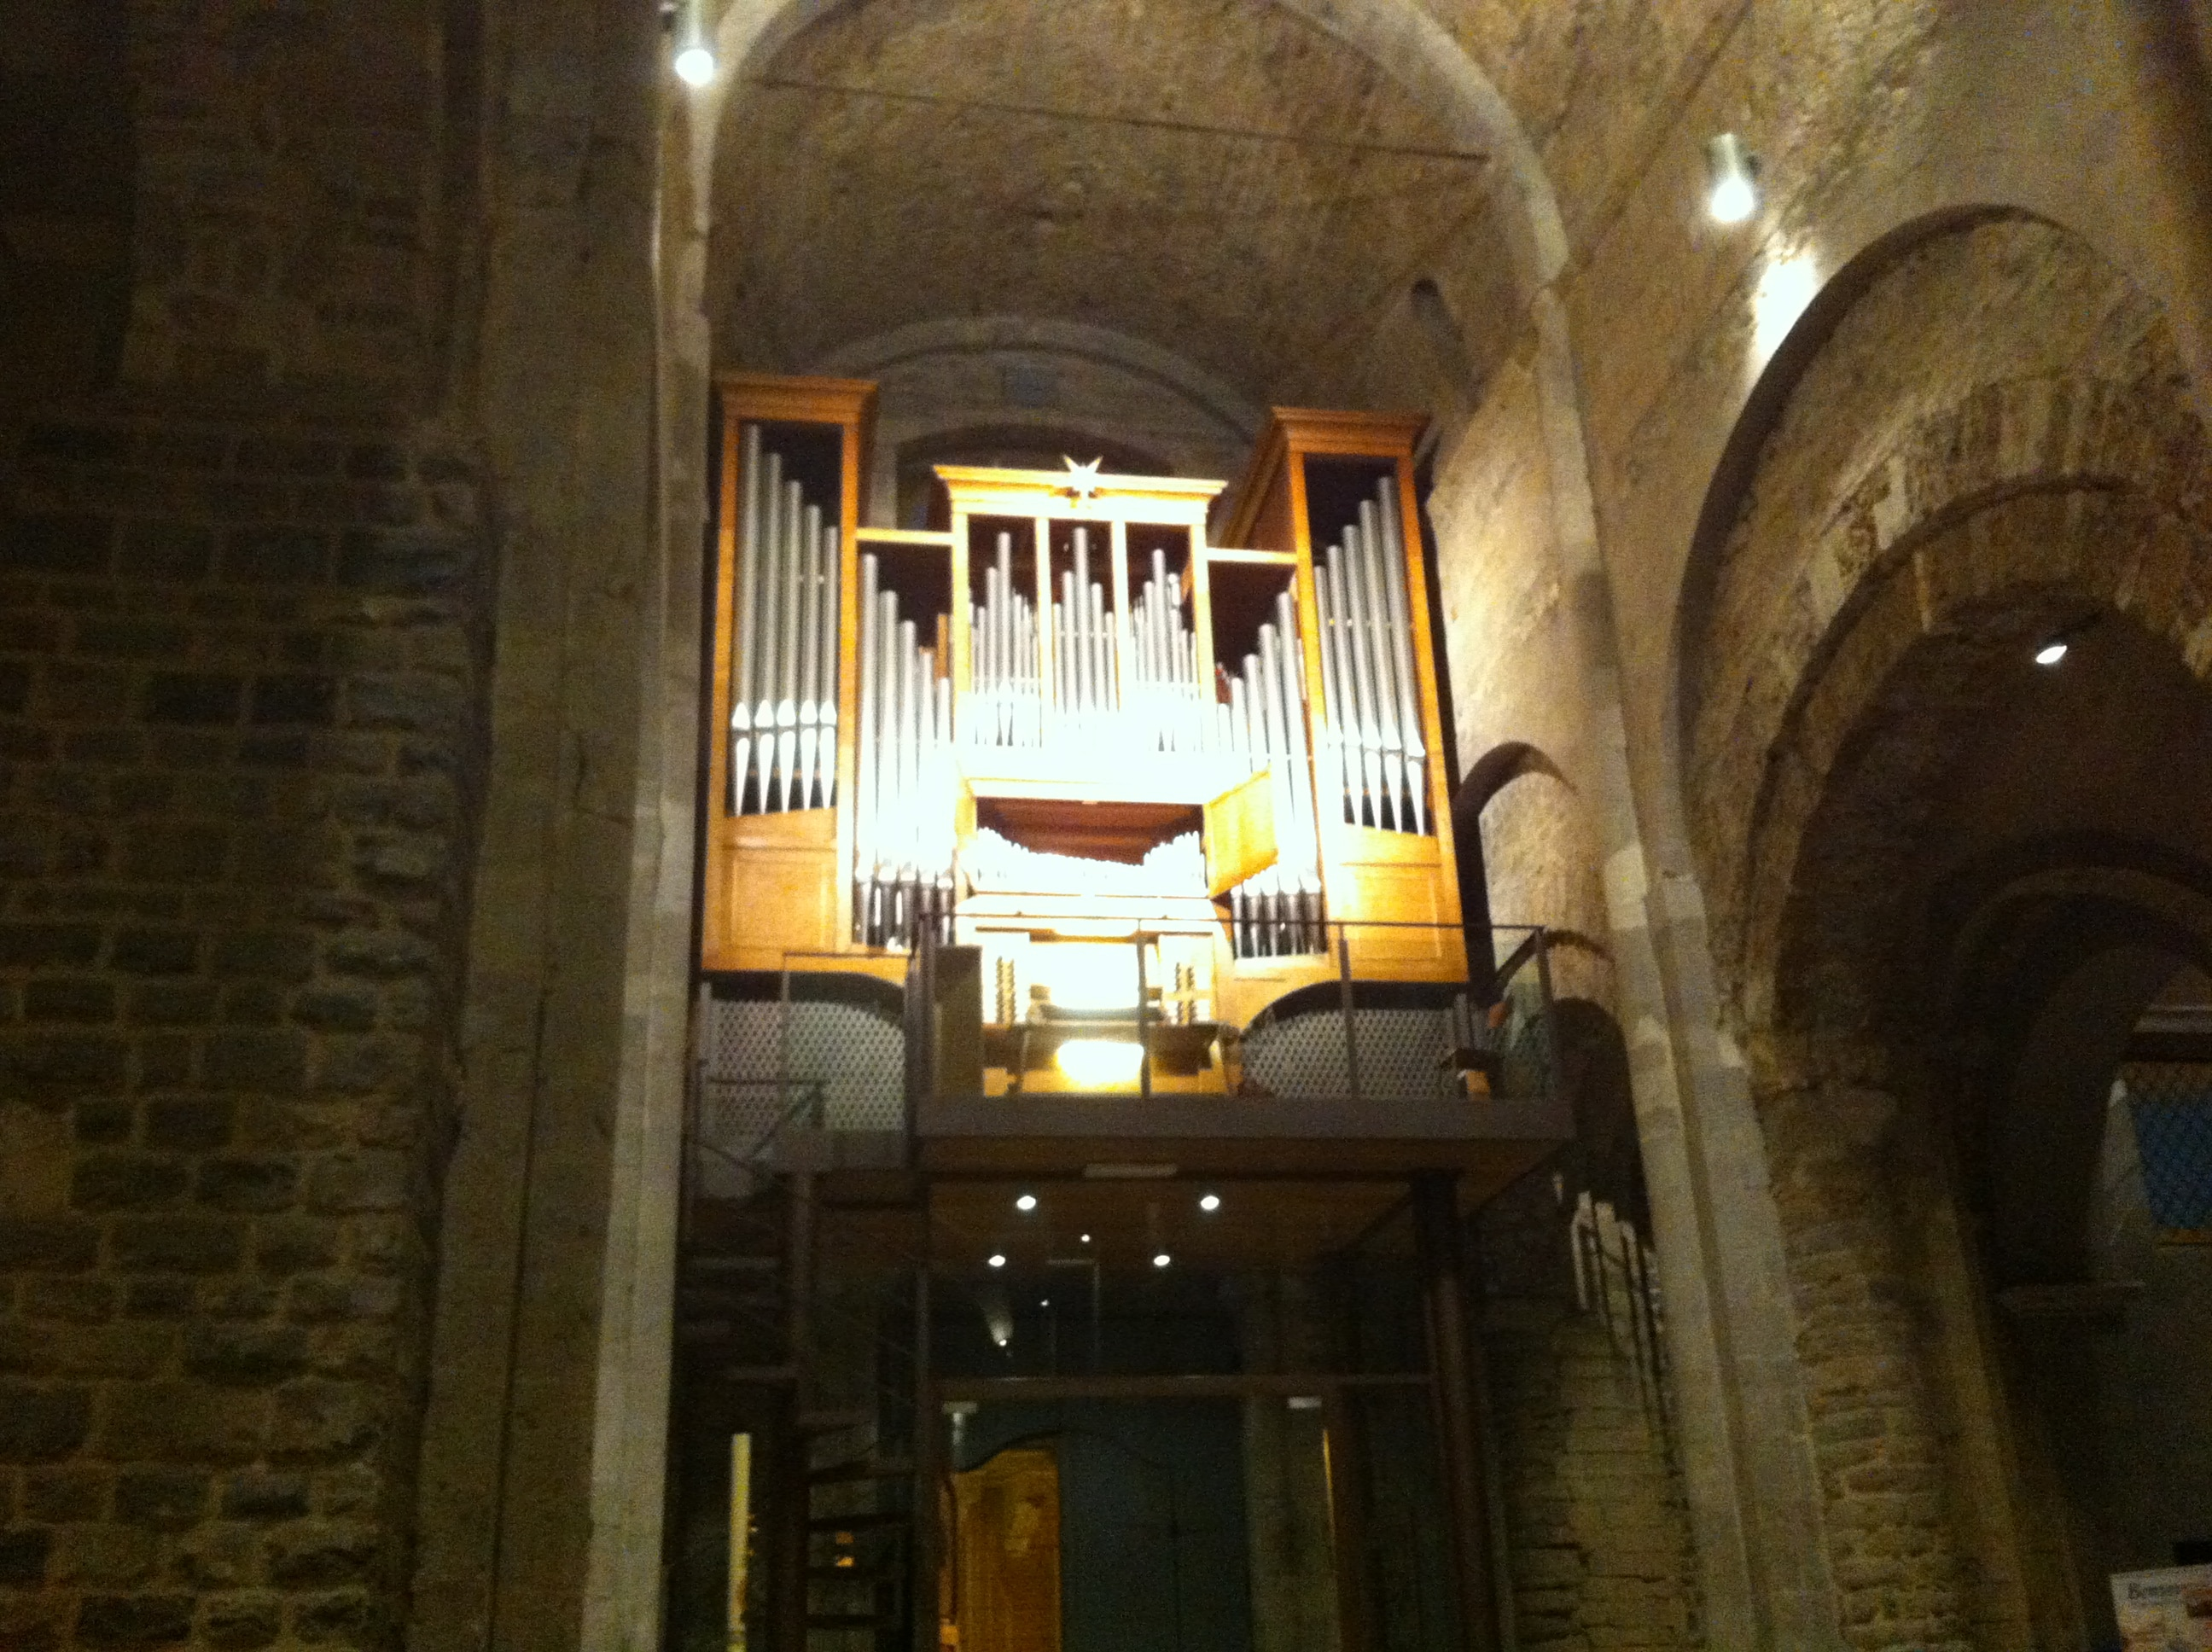 """Anche la seconda serata delle """"Meditazioni organistiche"""", organizzata dalla Parrocchia della Cattedrale dell'Assunta di Ventimiglia Alta, ha avuto un buon successo. All'organo questa volta, il giovane M.stro Simone Vebber, di…"""